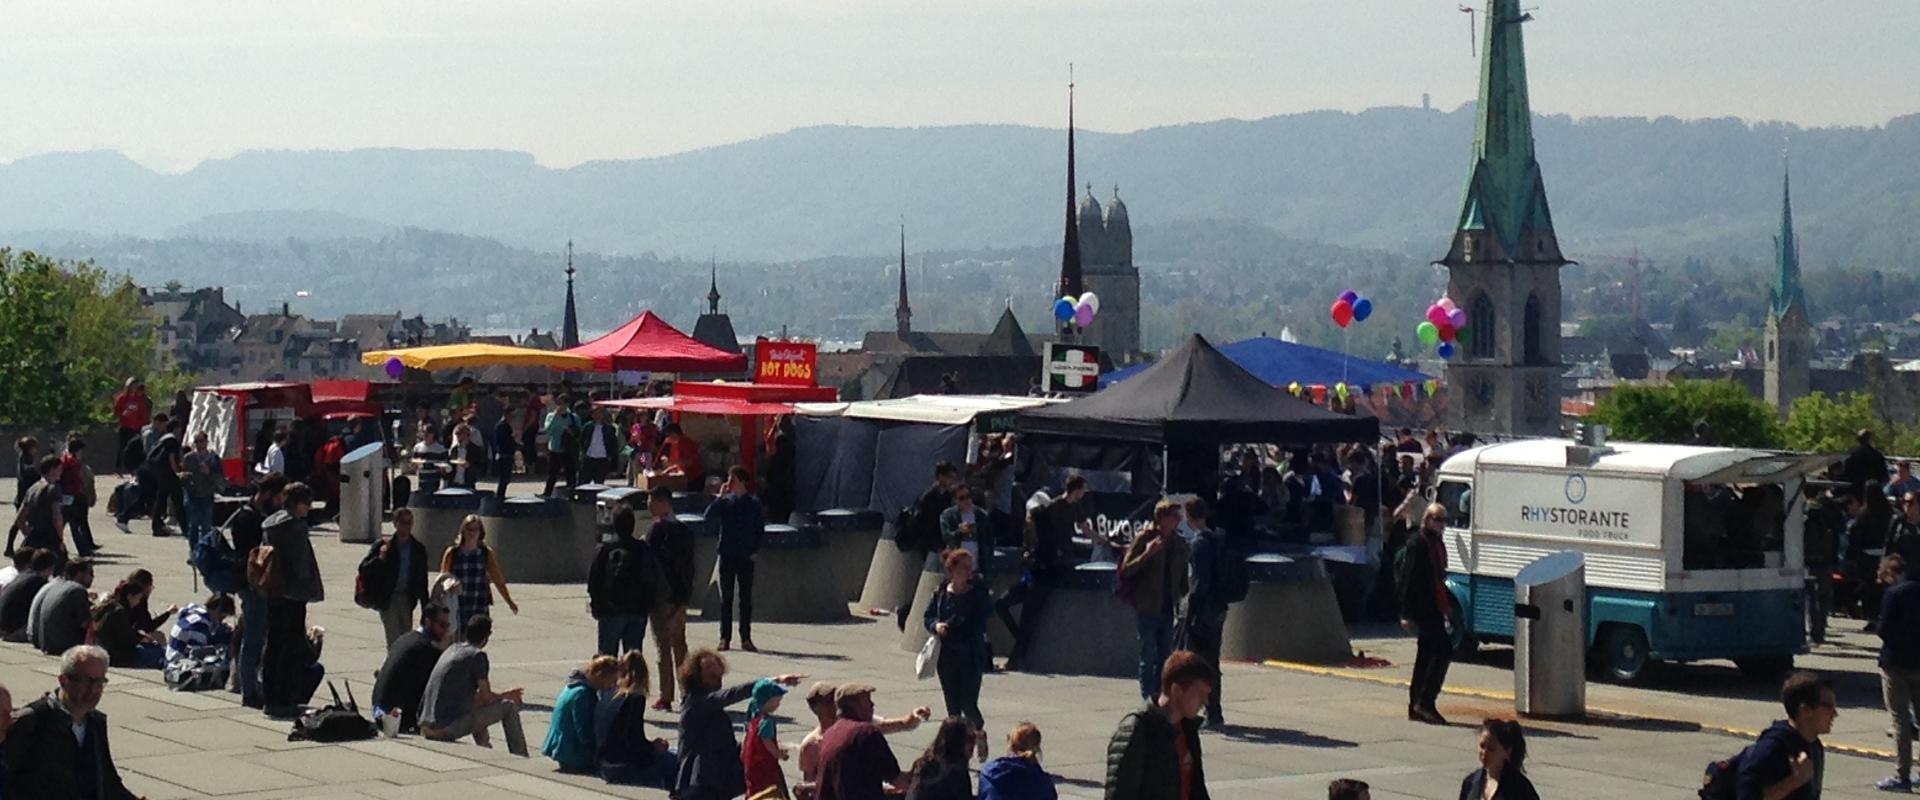 Lunch Market Polyterrasse Zürich